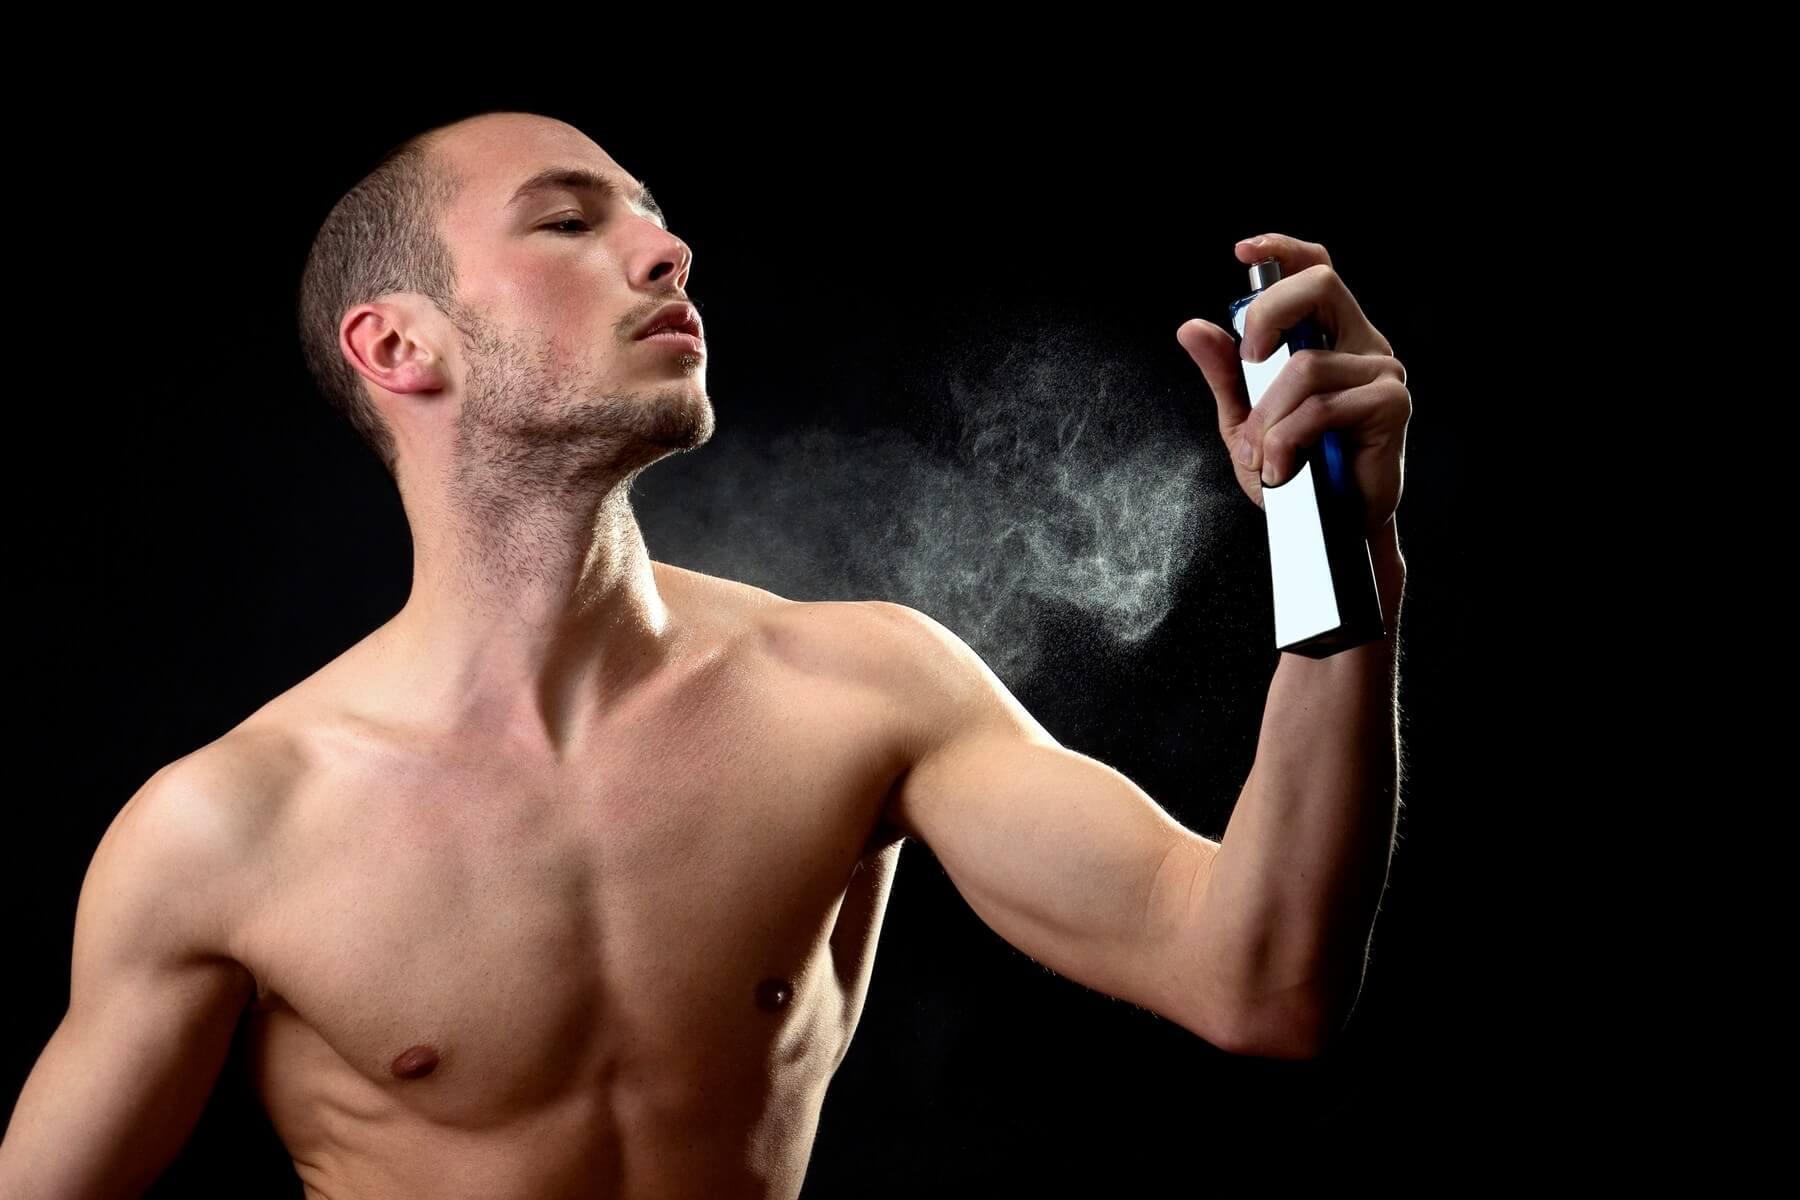 Os perfumes podem mexer com a autoconfiança a e atrair as mulheres